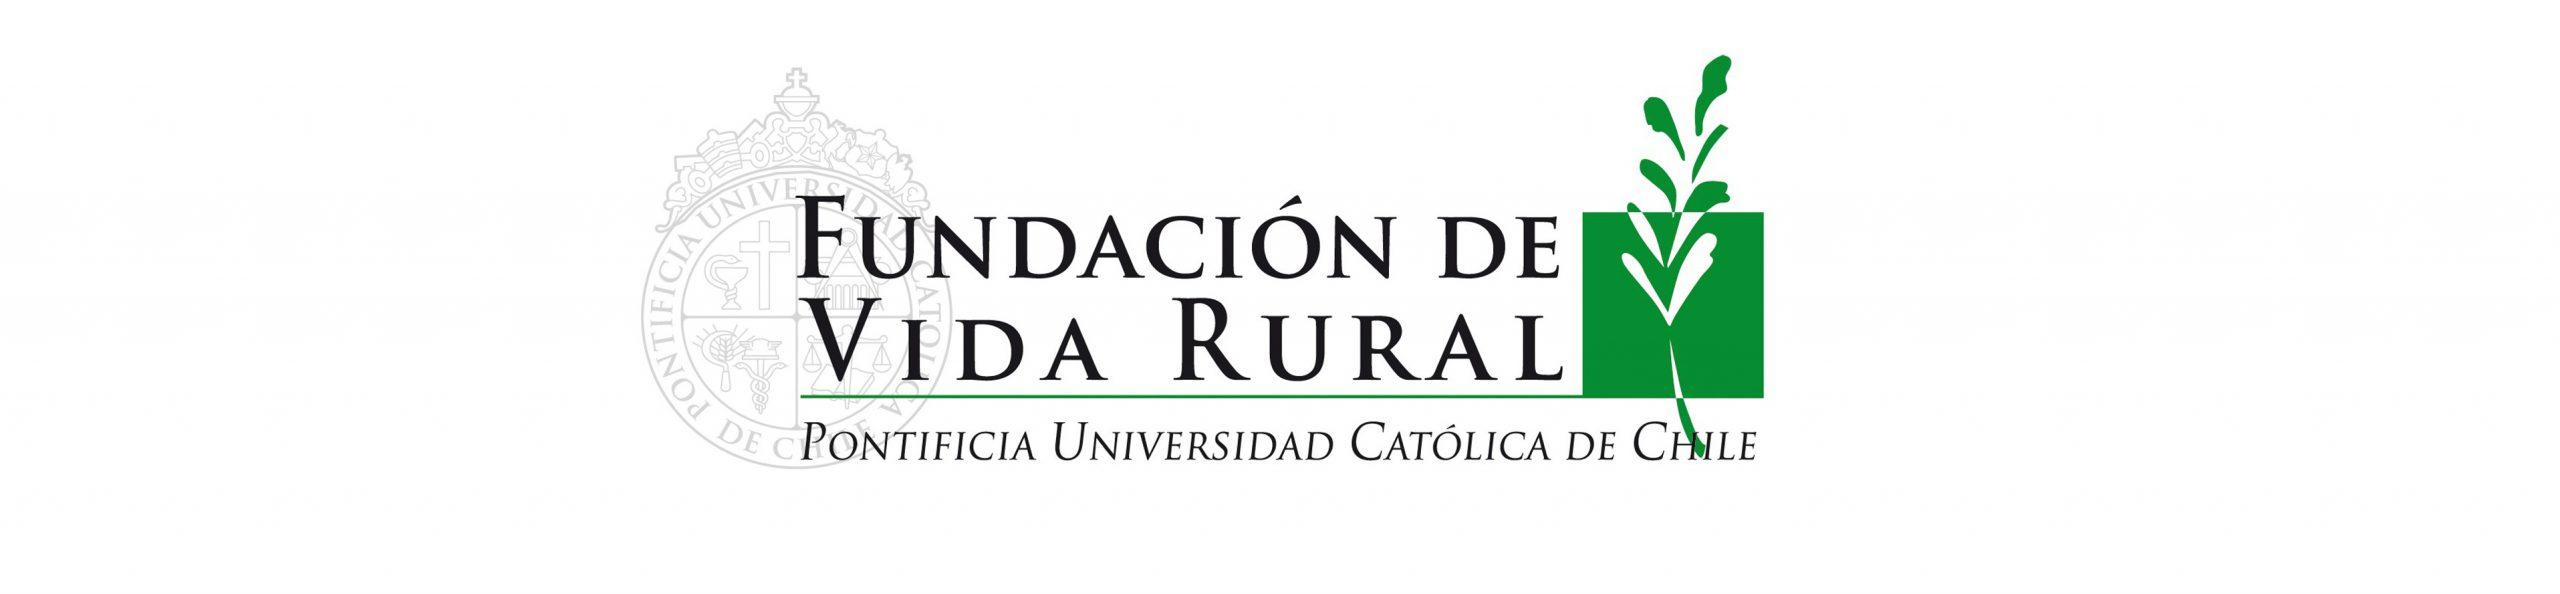 Fundación Vida Rural UC